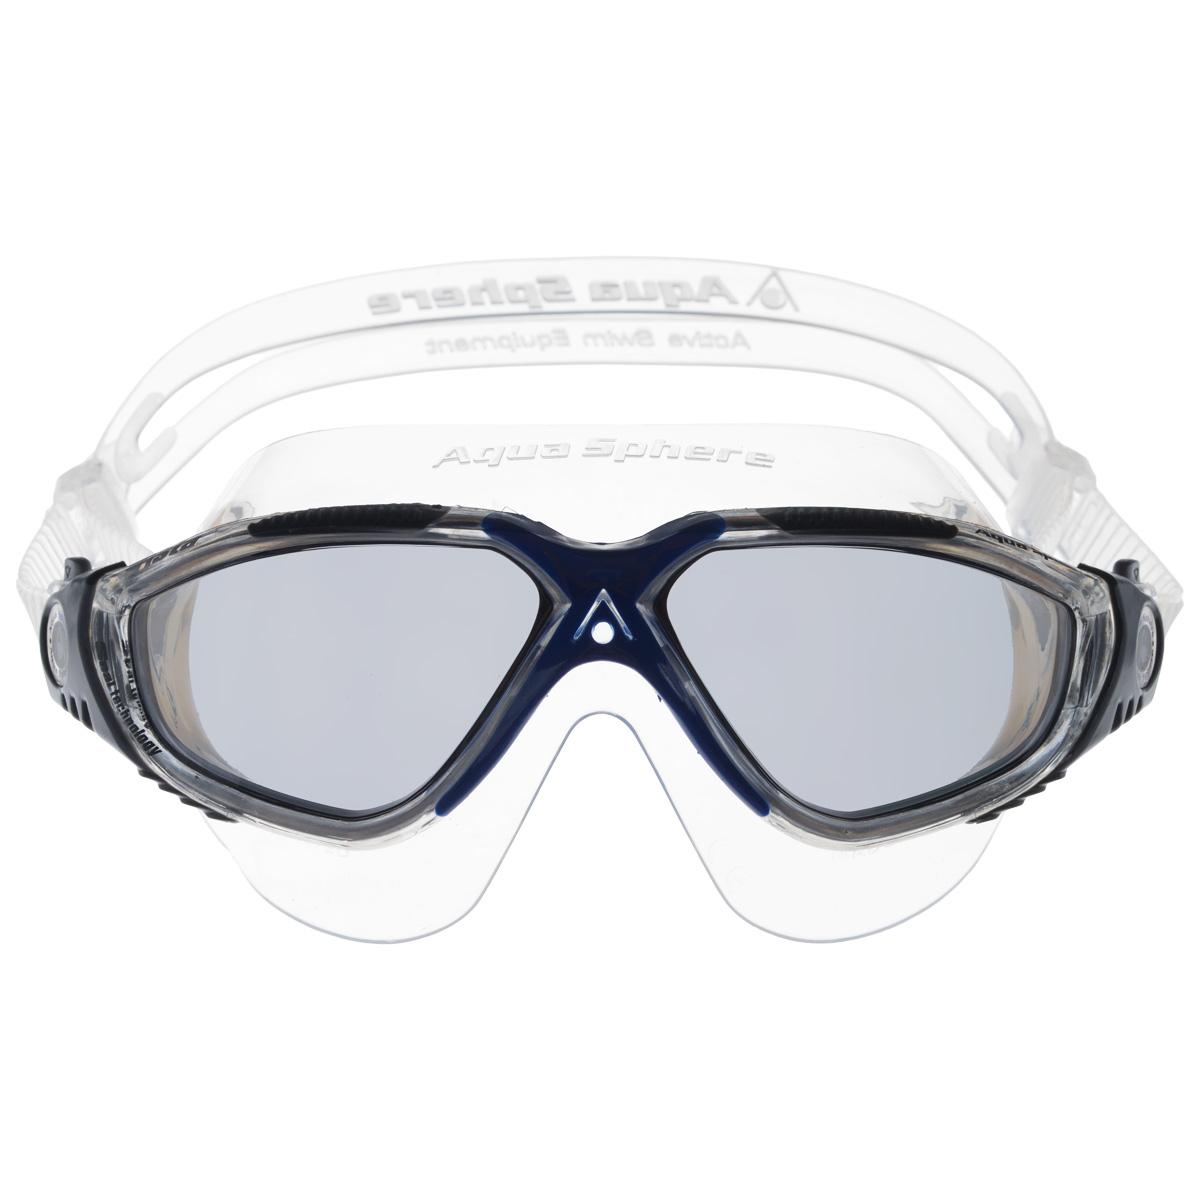 Очки для плавания Aqua Sphere Vista, темные линзы, цвет: серый, синий очки для плавания aqua sphere k180 lady цвет белый розовый